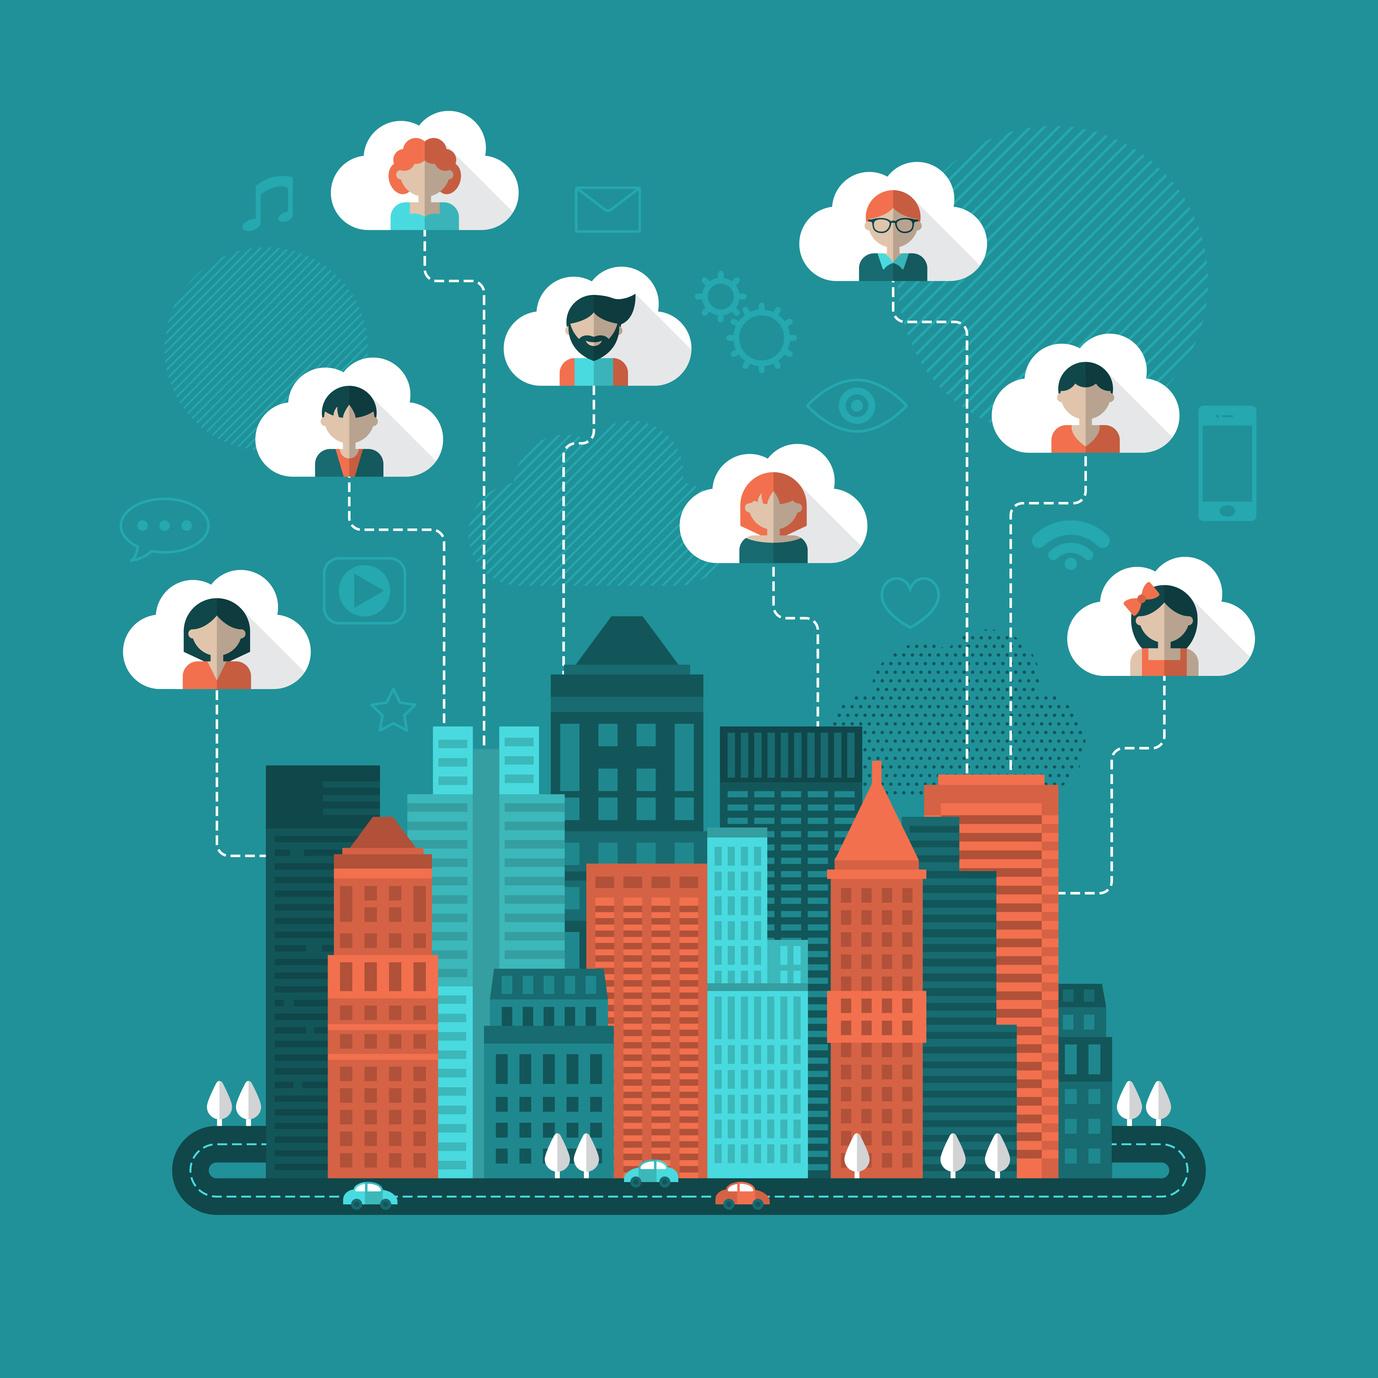 network, social media